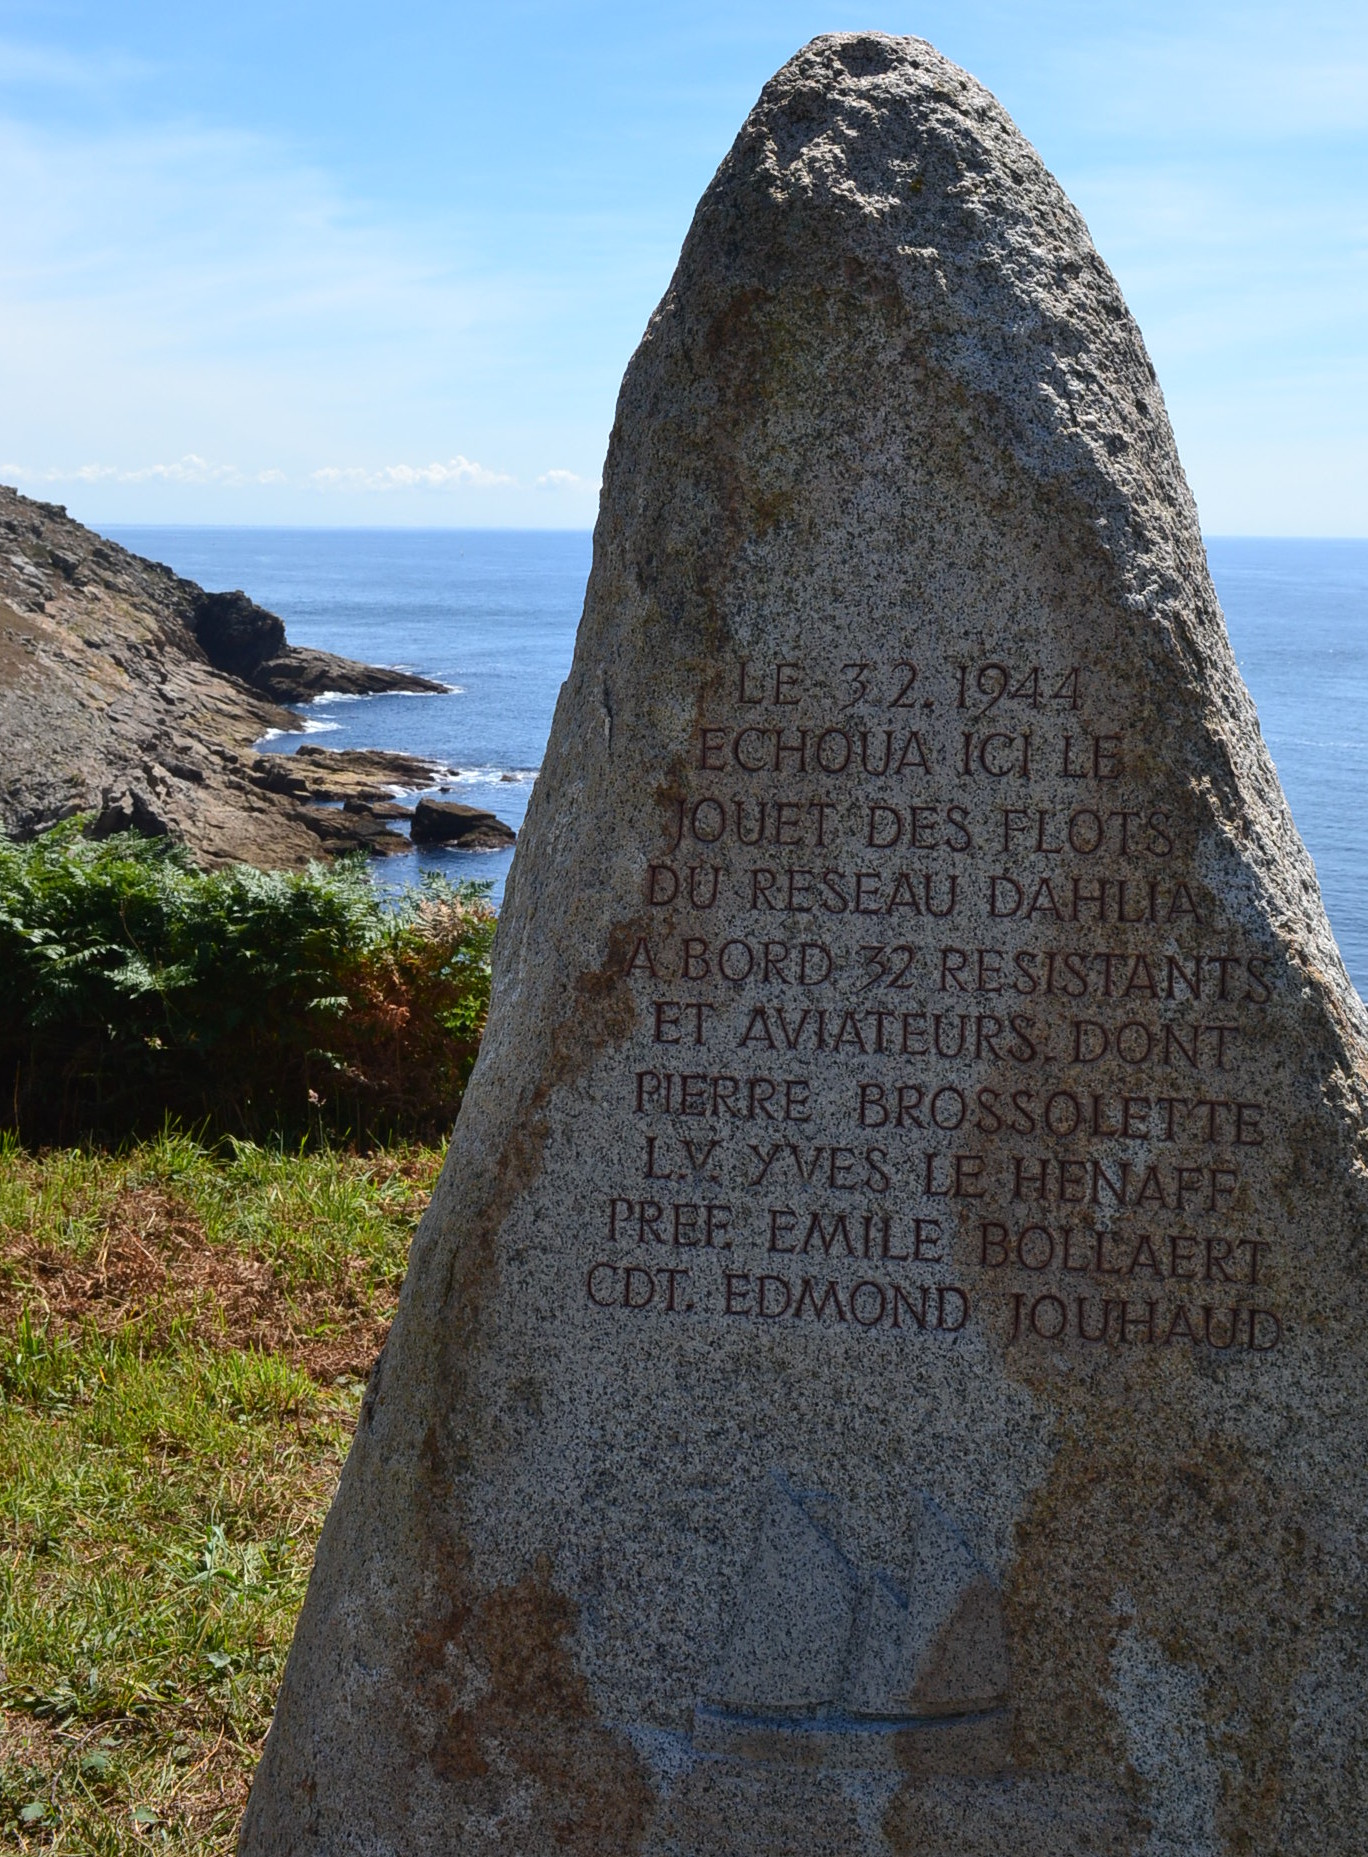 en arrivant à Feunteun Aod, la stèle en mémoire de Pierre Brossolette et ses compagnons